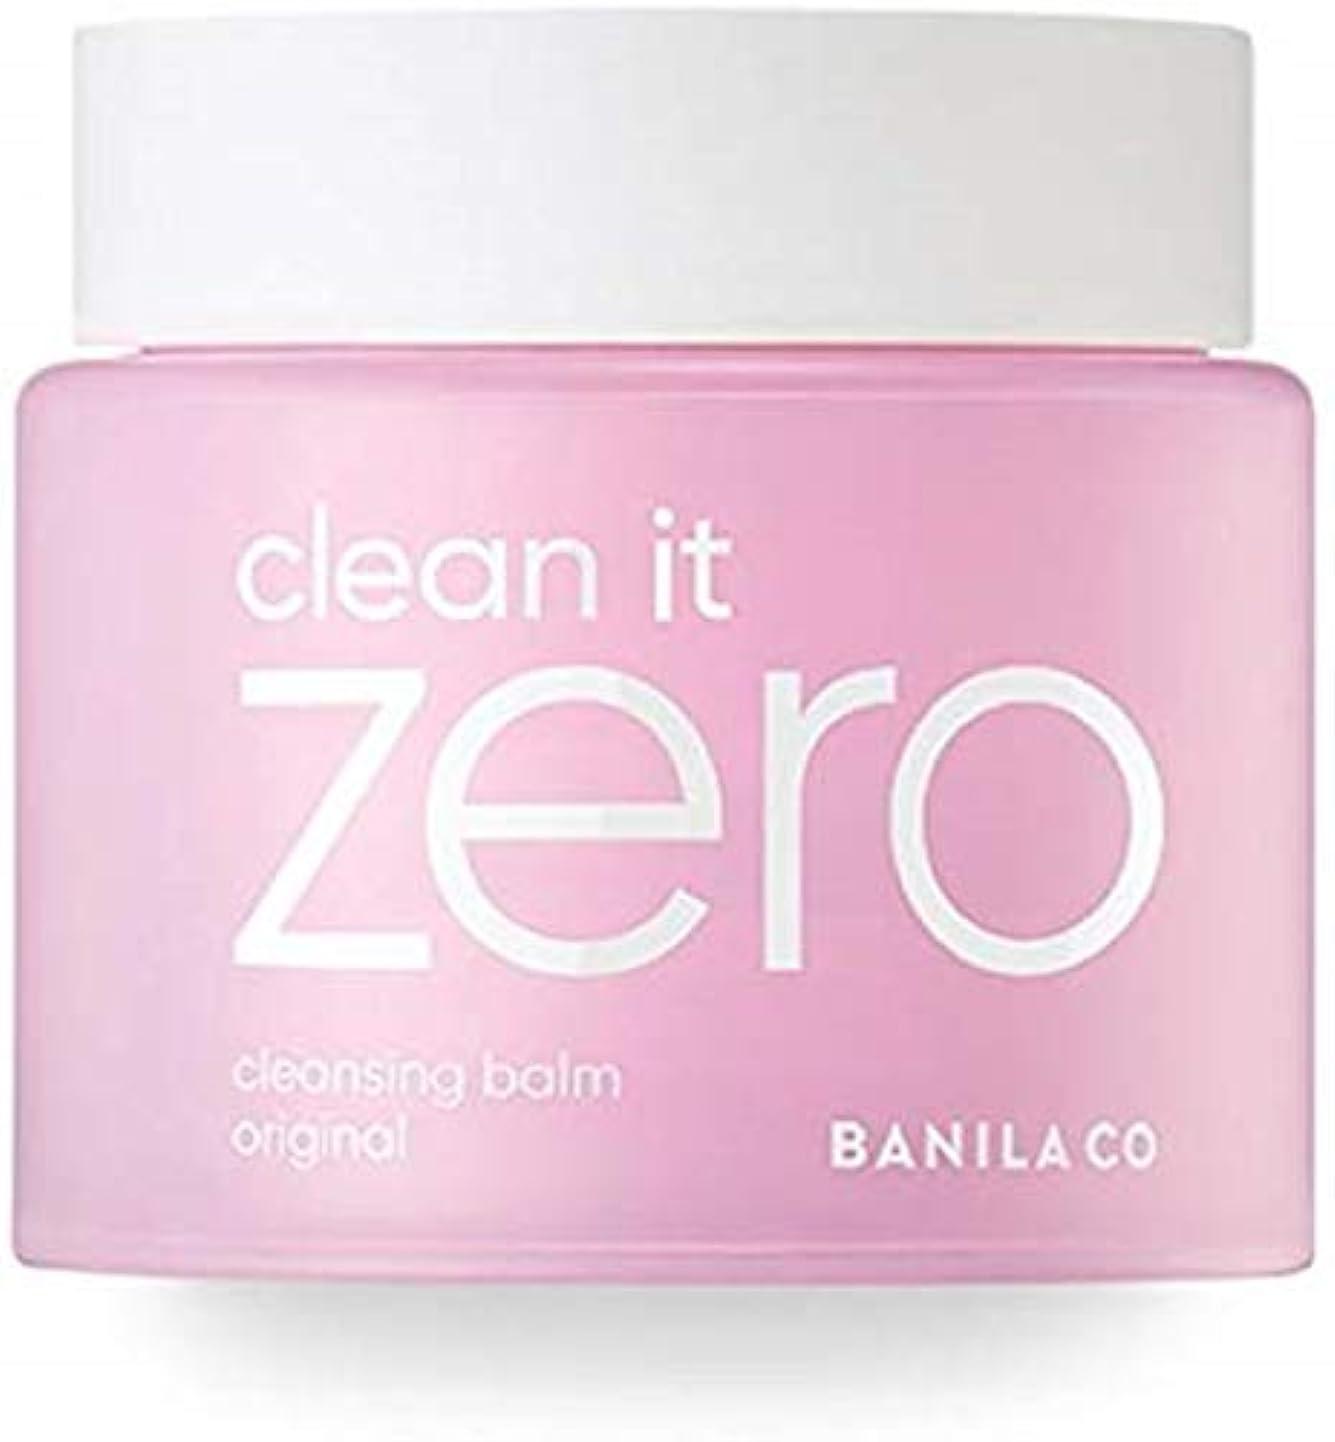 反動ソブリケット摘むBanila co(バニラコー)clean it Zero クリーンイットゼロ 大容量 180ml(刺激のないシャーベットジェルタイプのクレンジング)